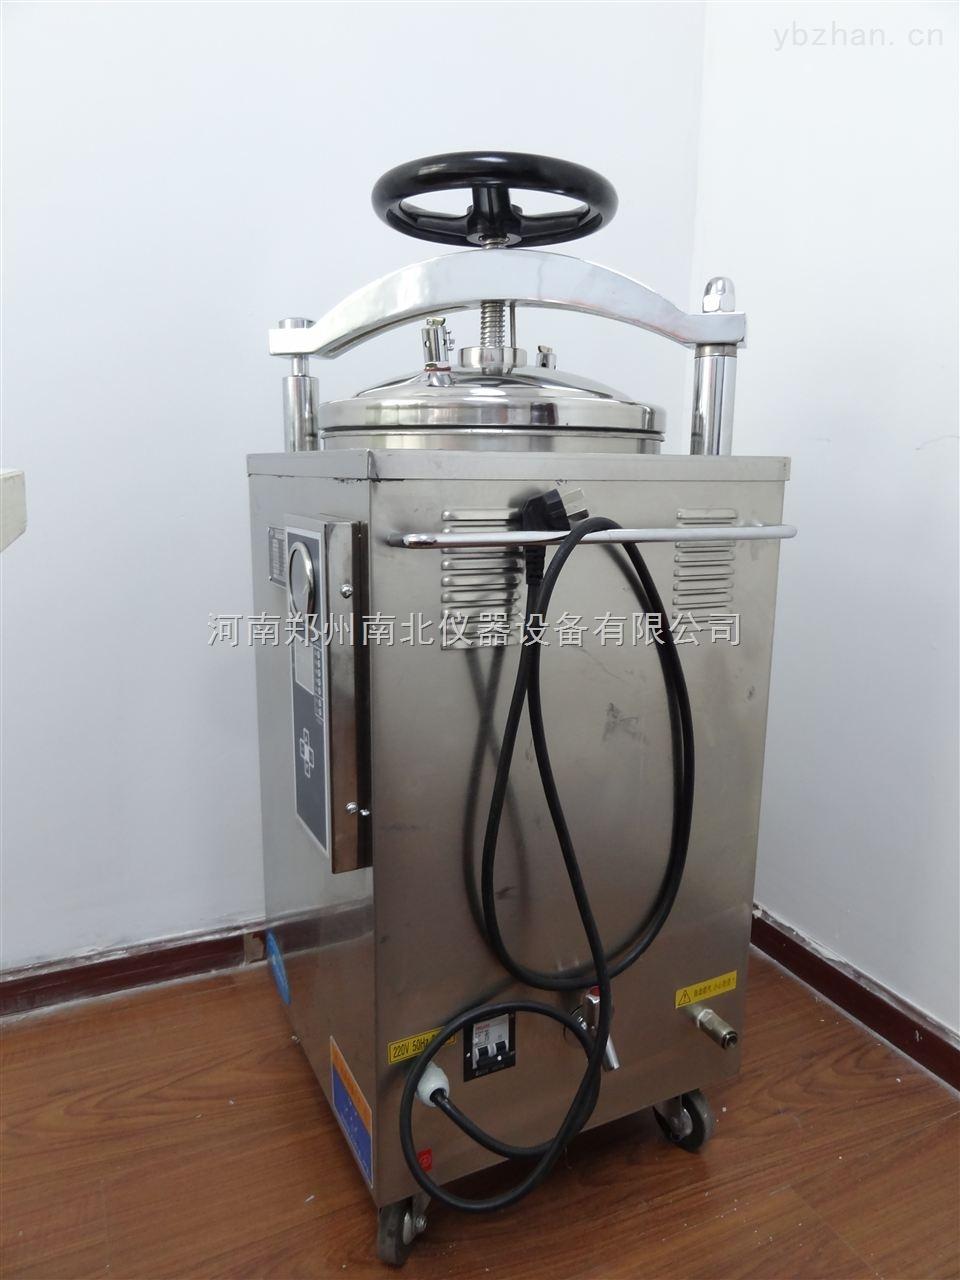 小型蒸汽灭菌器,小型蒸汽灭菌器厂家